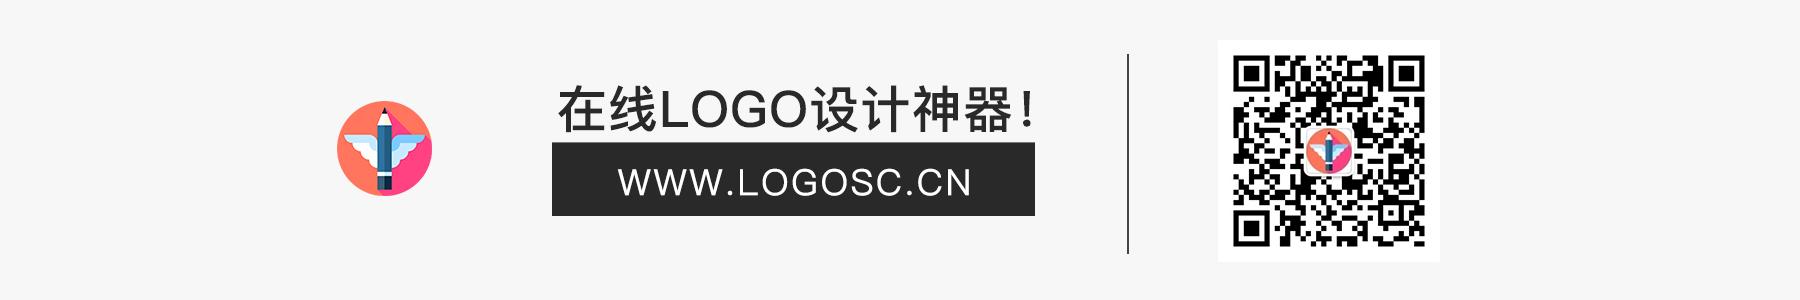 博文底部(logosc)